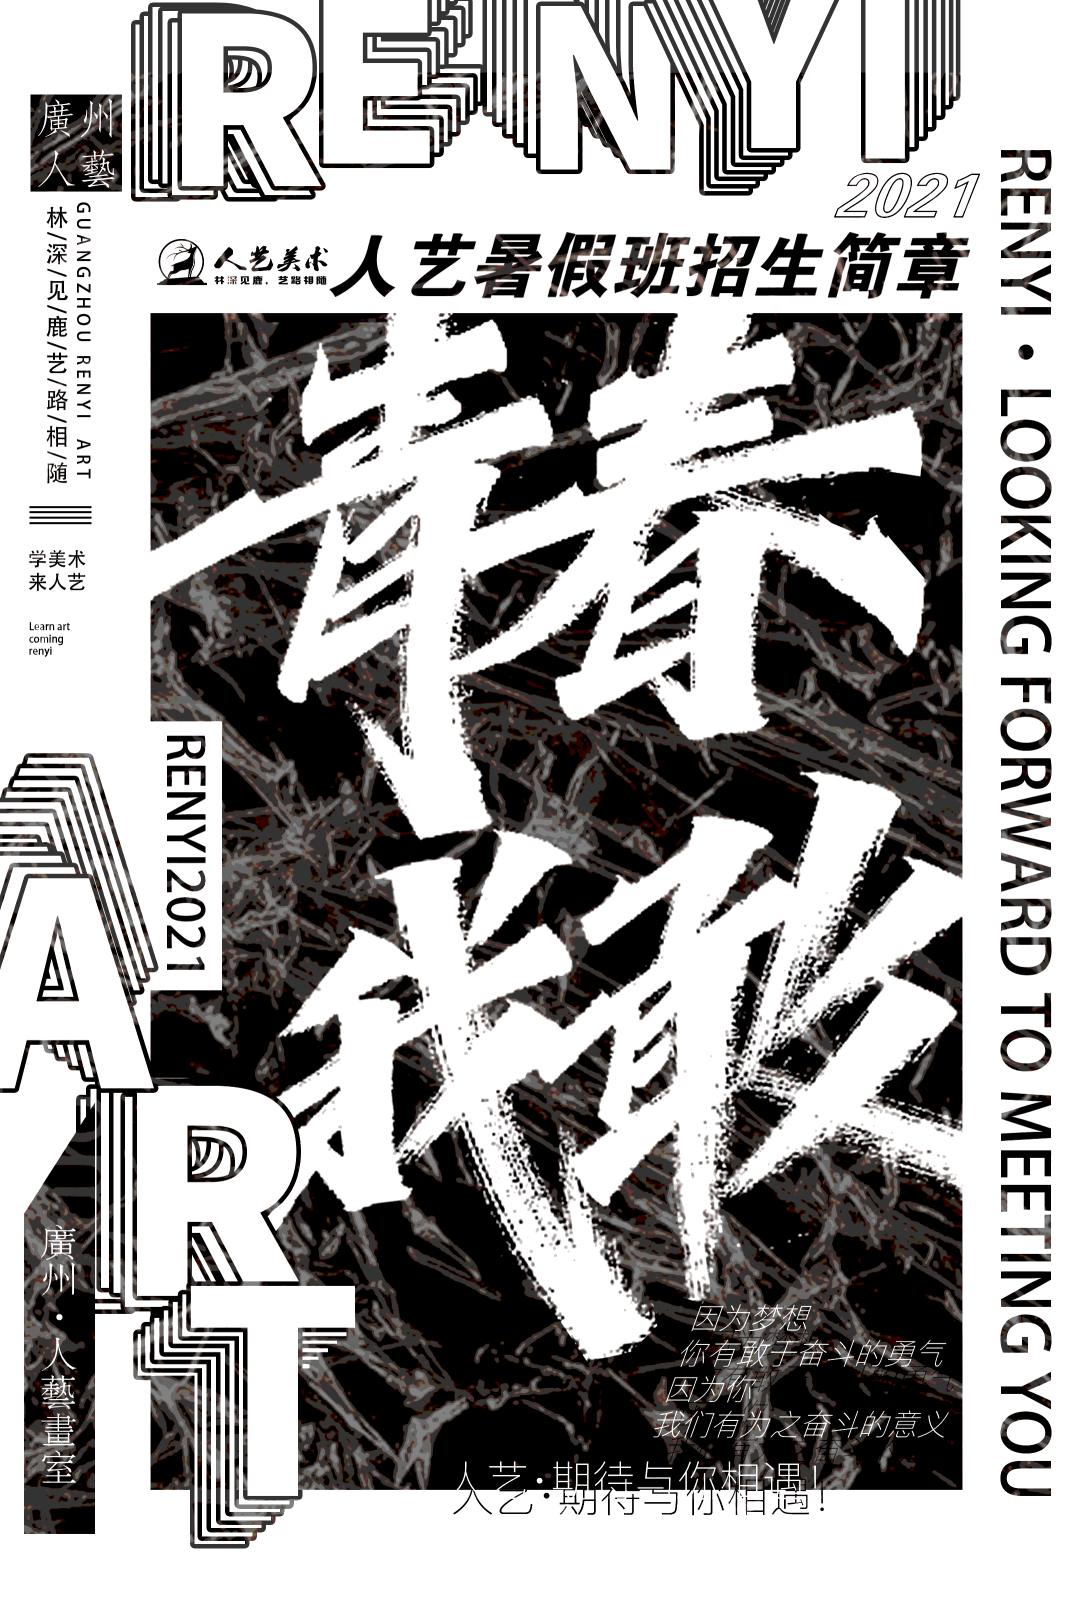 广州人艺美术画室暑假班开始招生啦!趁着这个暑假惊艳所有人吧!